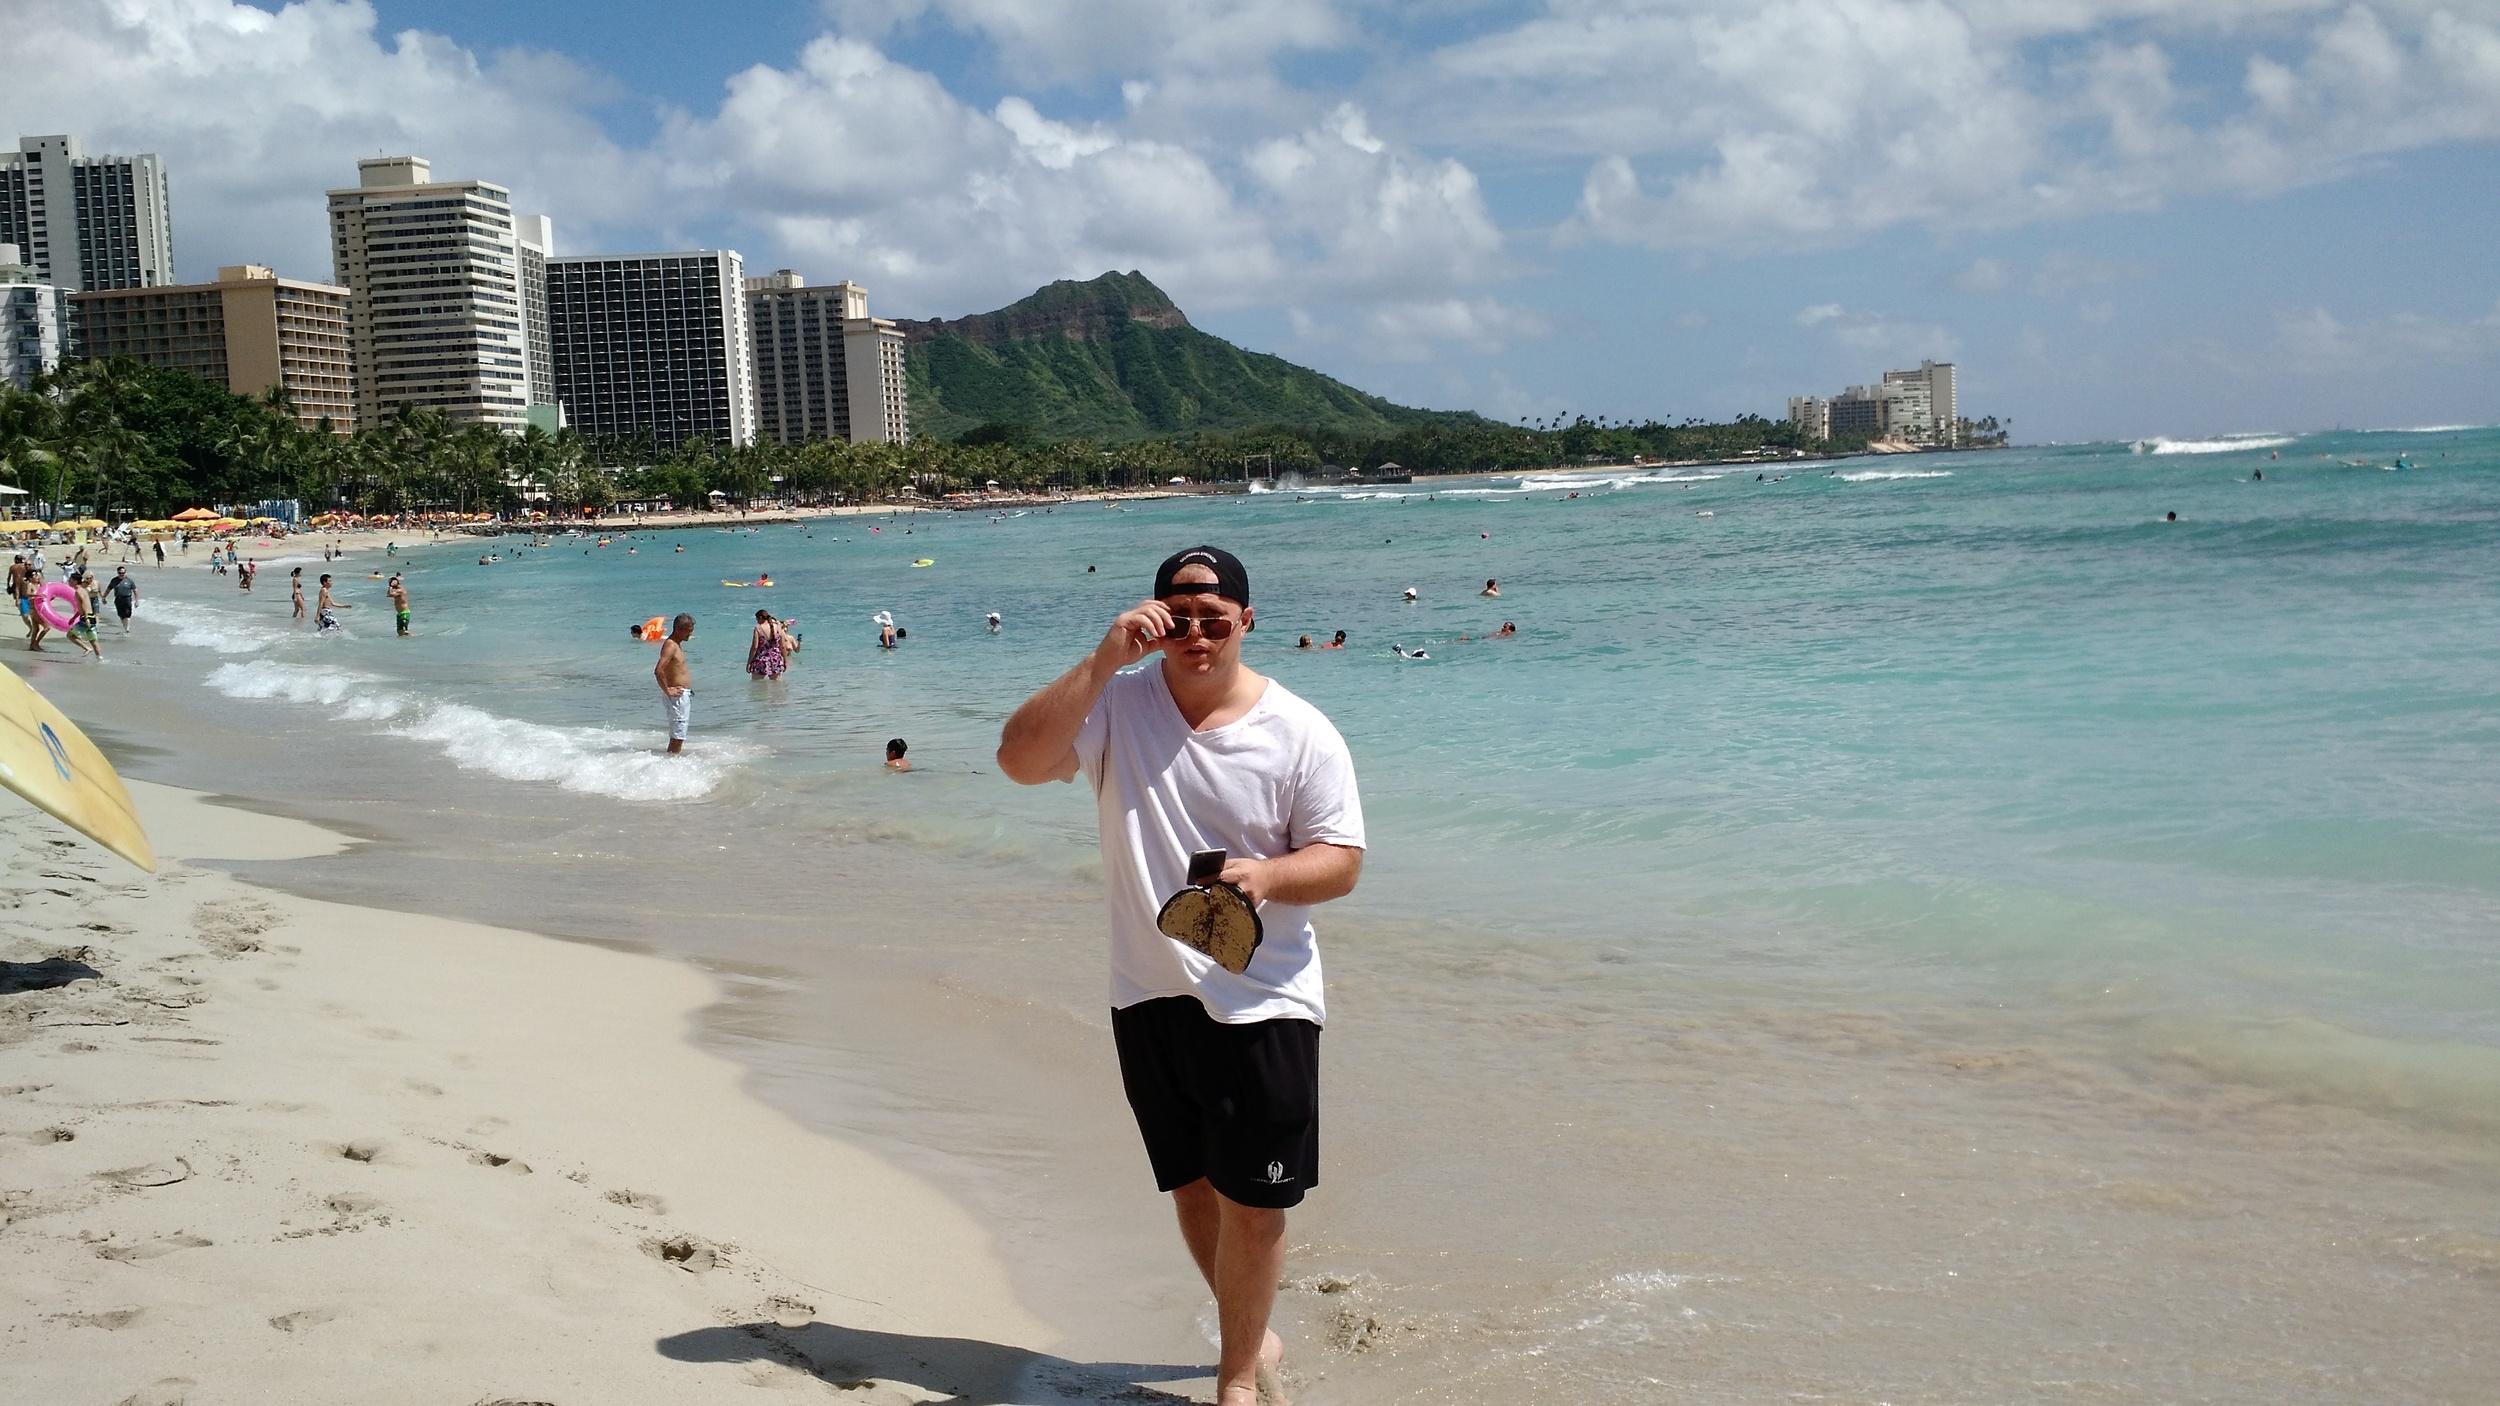 Kaleo had pupus in Poipu after wading in Waikiki!